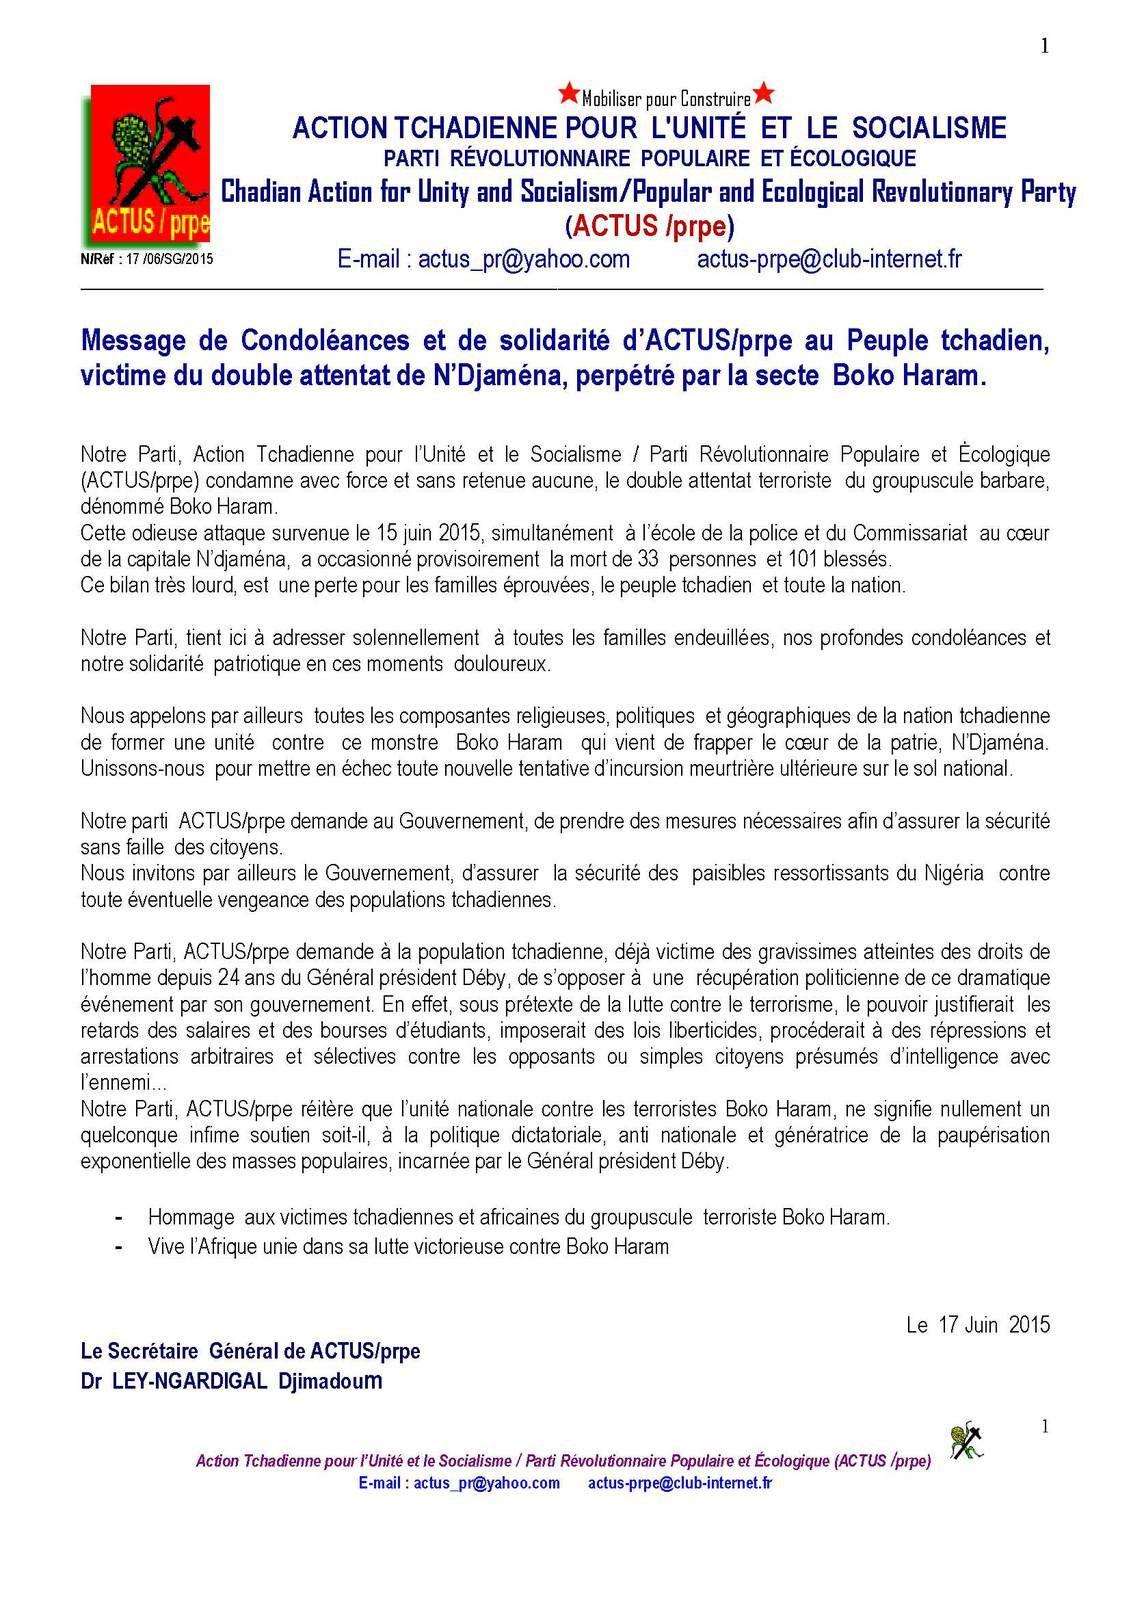 ACTUS/Prpe: message de condoléances au peuple tchadien victime des attentats